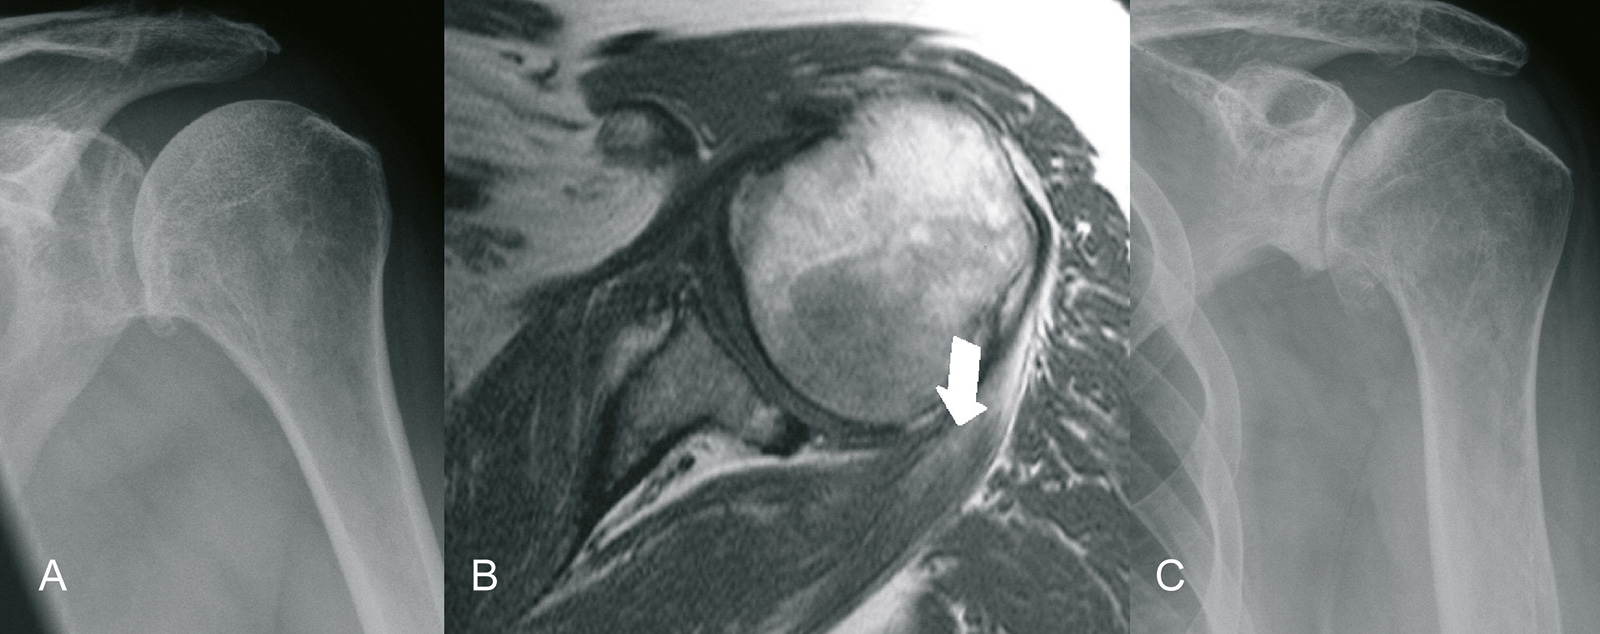 Abb. 1-51: Beginnende Arthrose mit Ausbildung eines inferioren Osteophyten (A) und geringer Subluxation nach posterior (B): im Verlauf kommt es zu einer Aufhebung des Gelenkspaltes und Vergrößerung der Osteophyten (C)